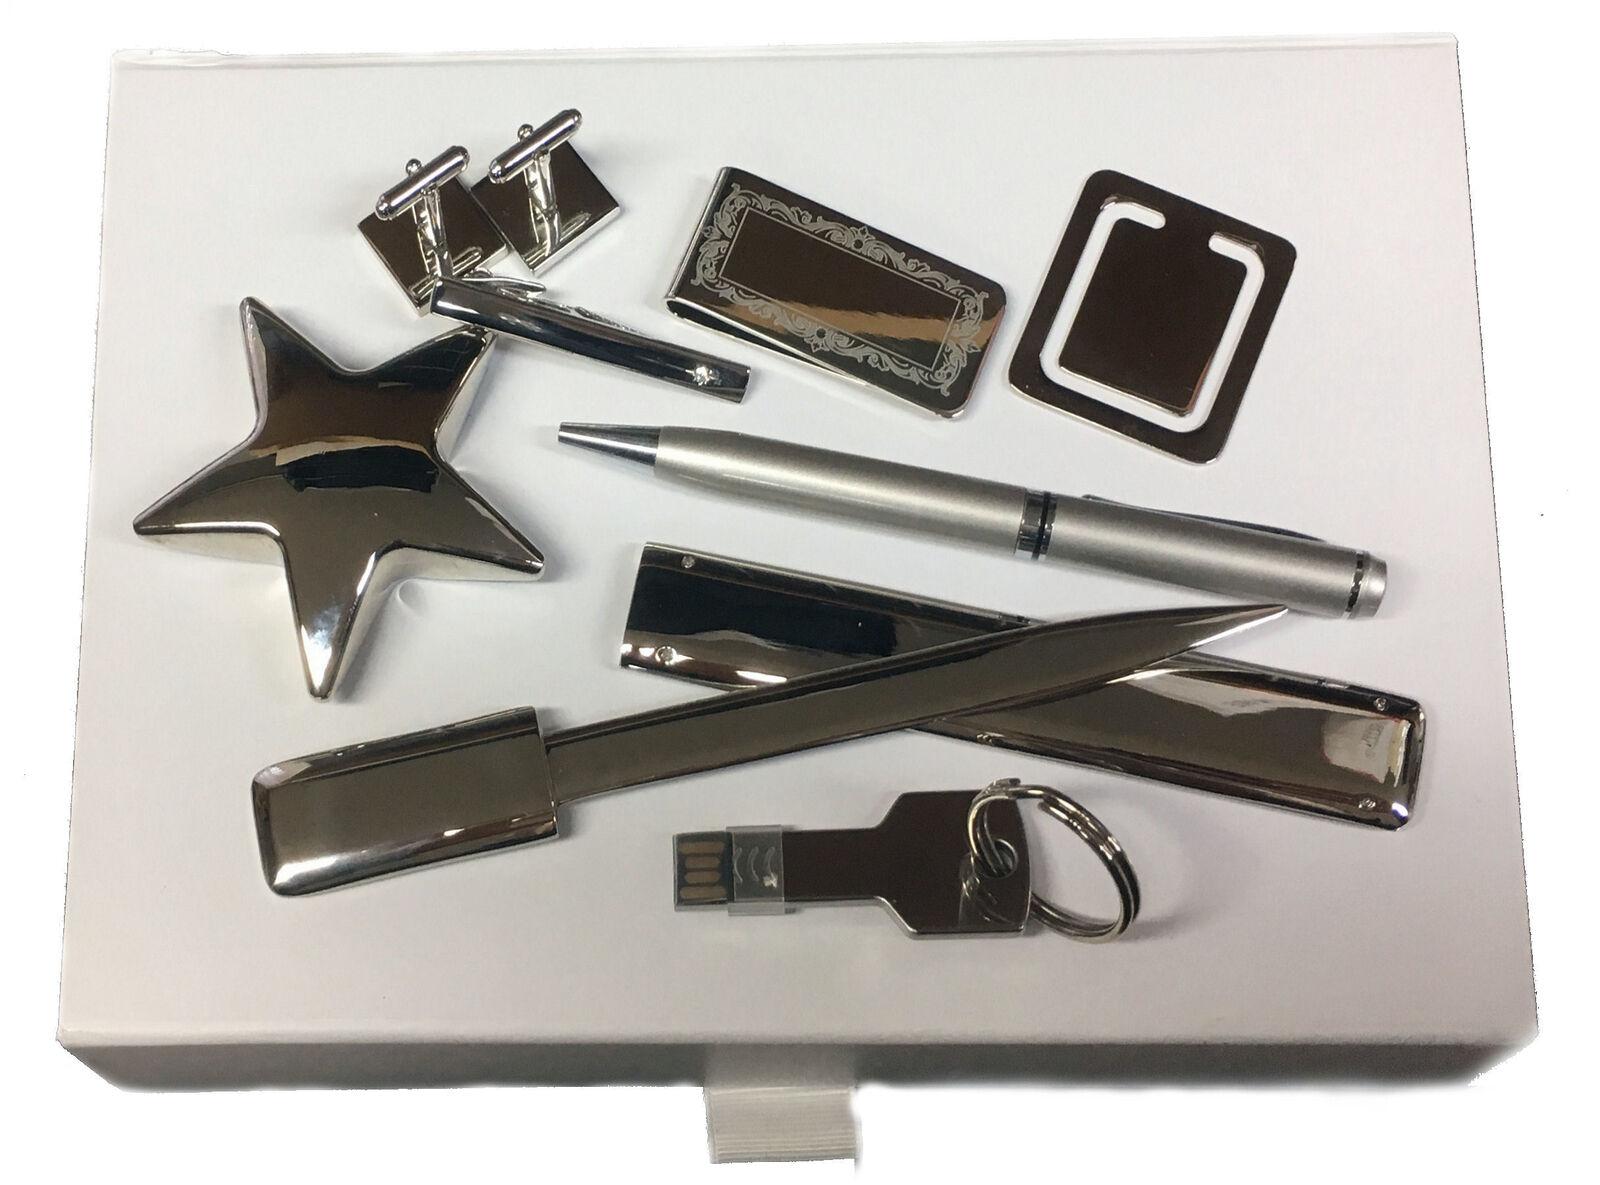 Pince à Cravate Boutons Manchette USB Stylo Boîte Ensemble-Cadeau blue Marine